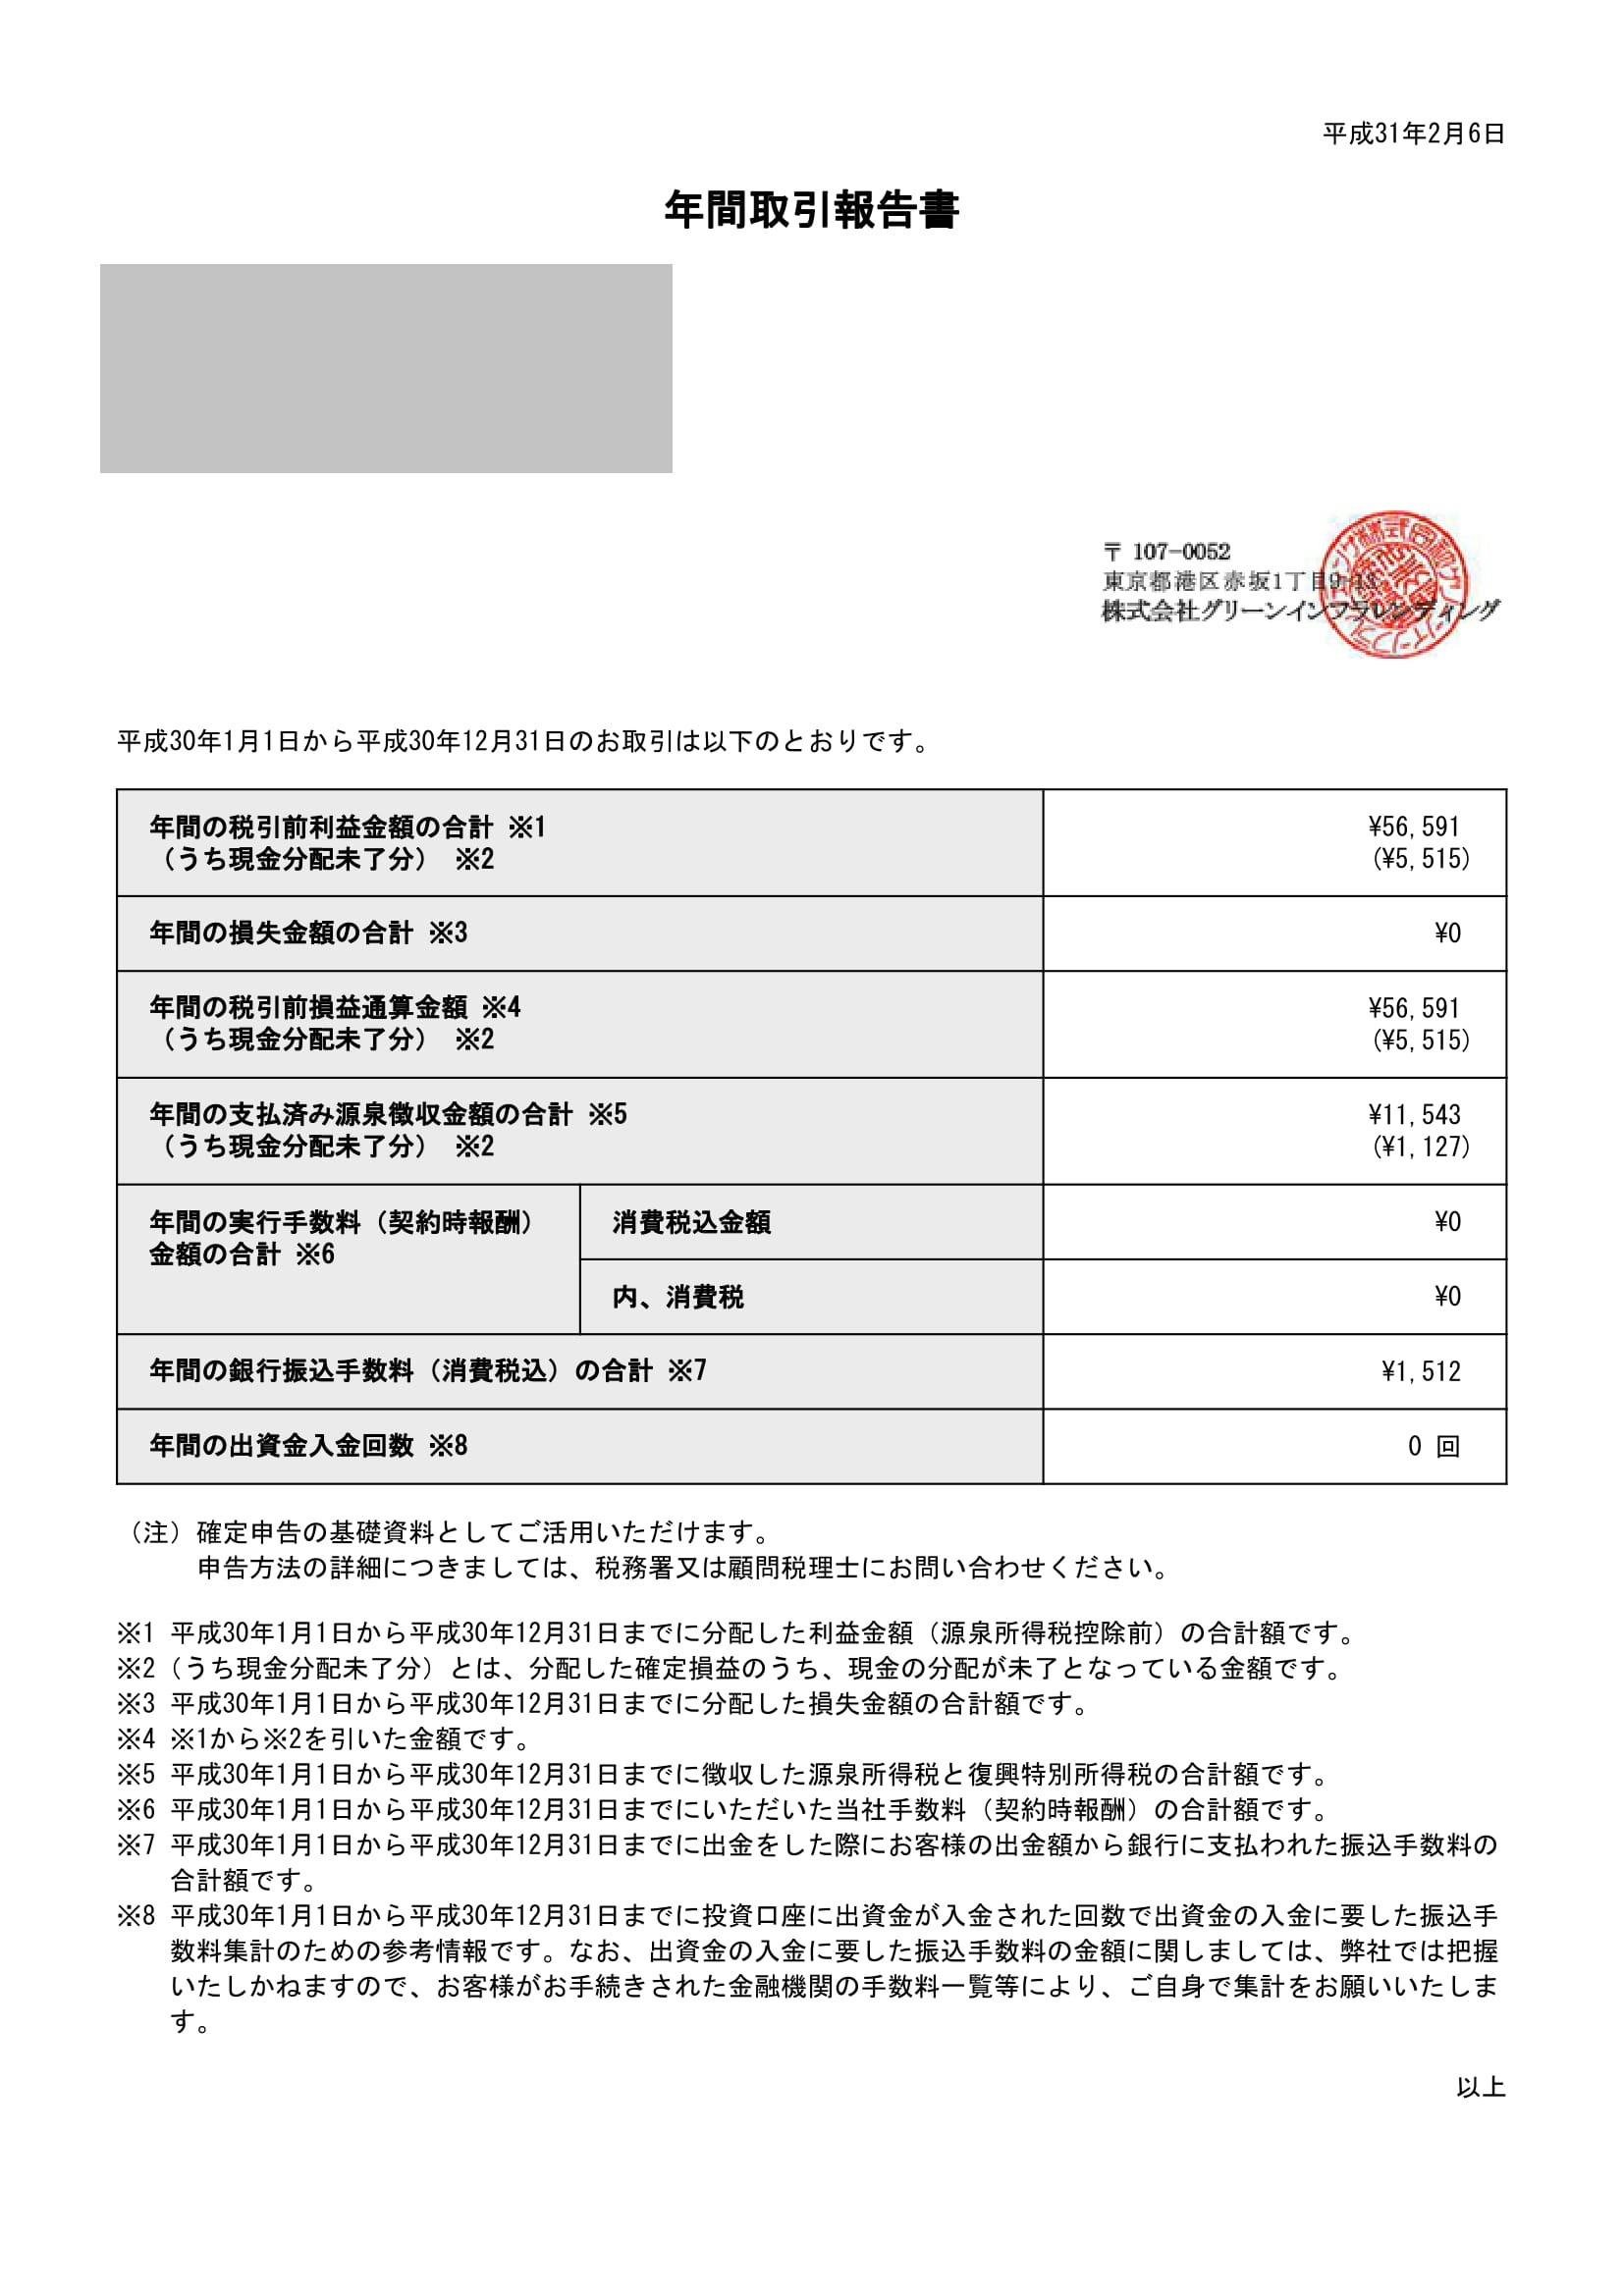 グリーンインフラレンディング100085_201801_20190206192809-1